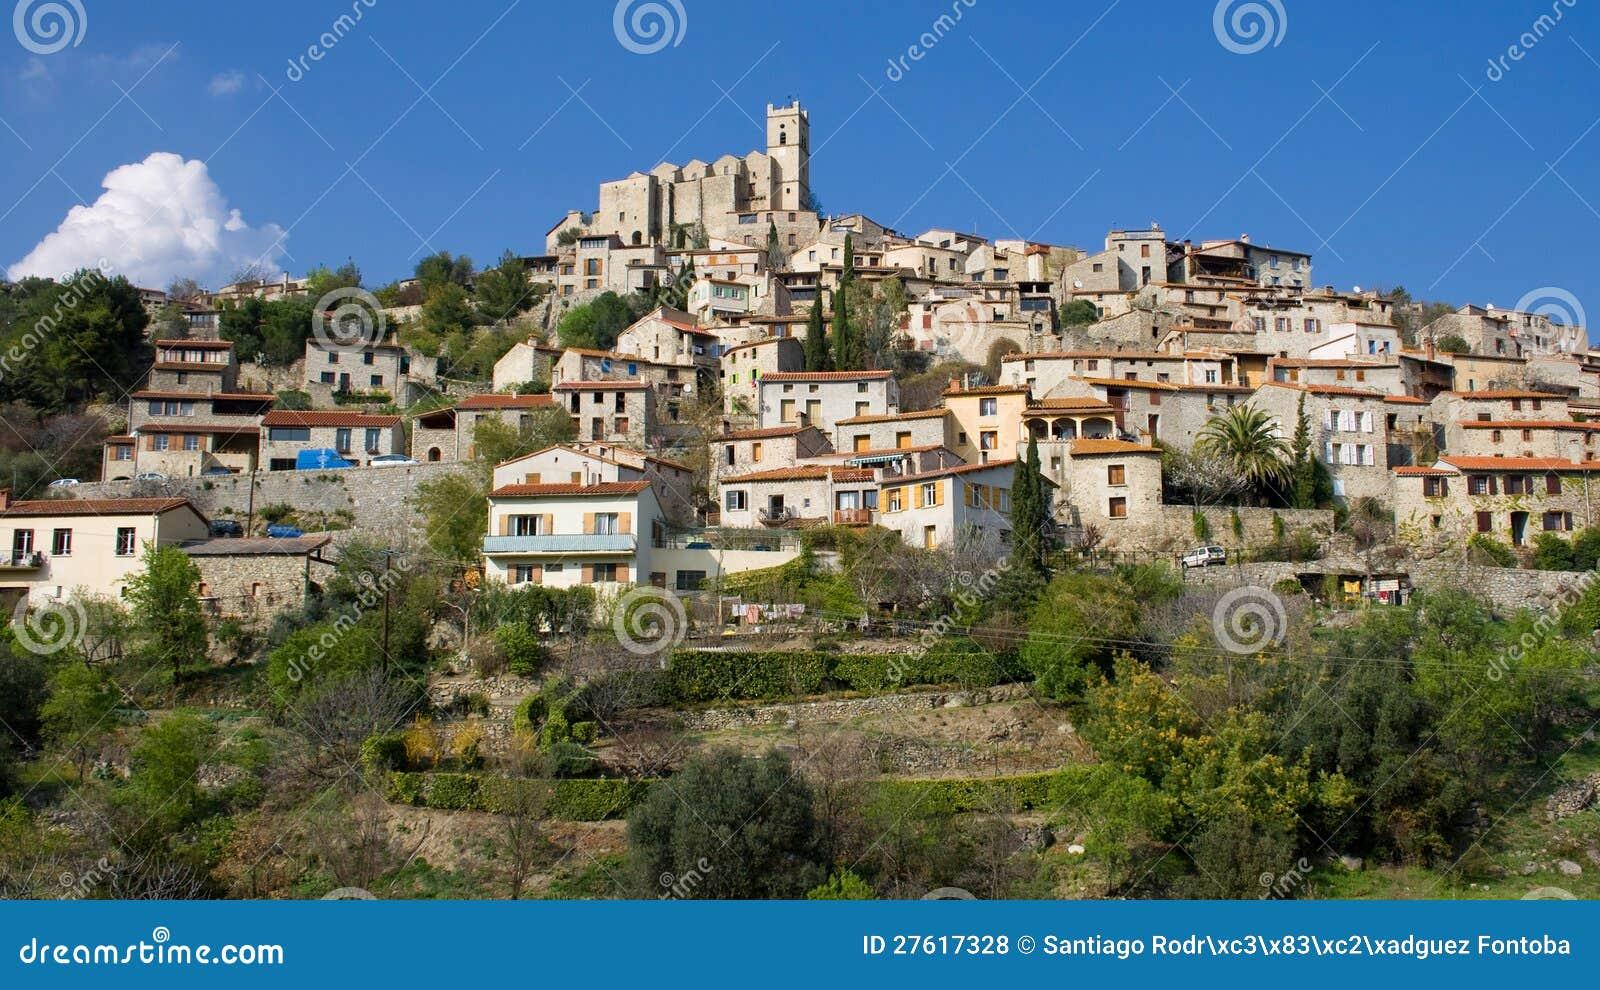 Village of Eus